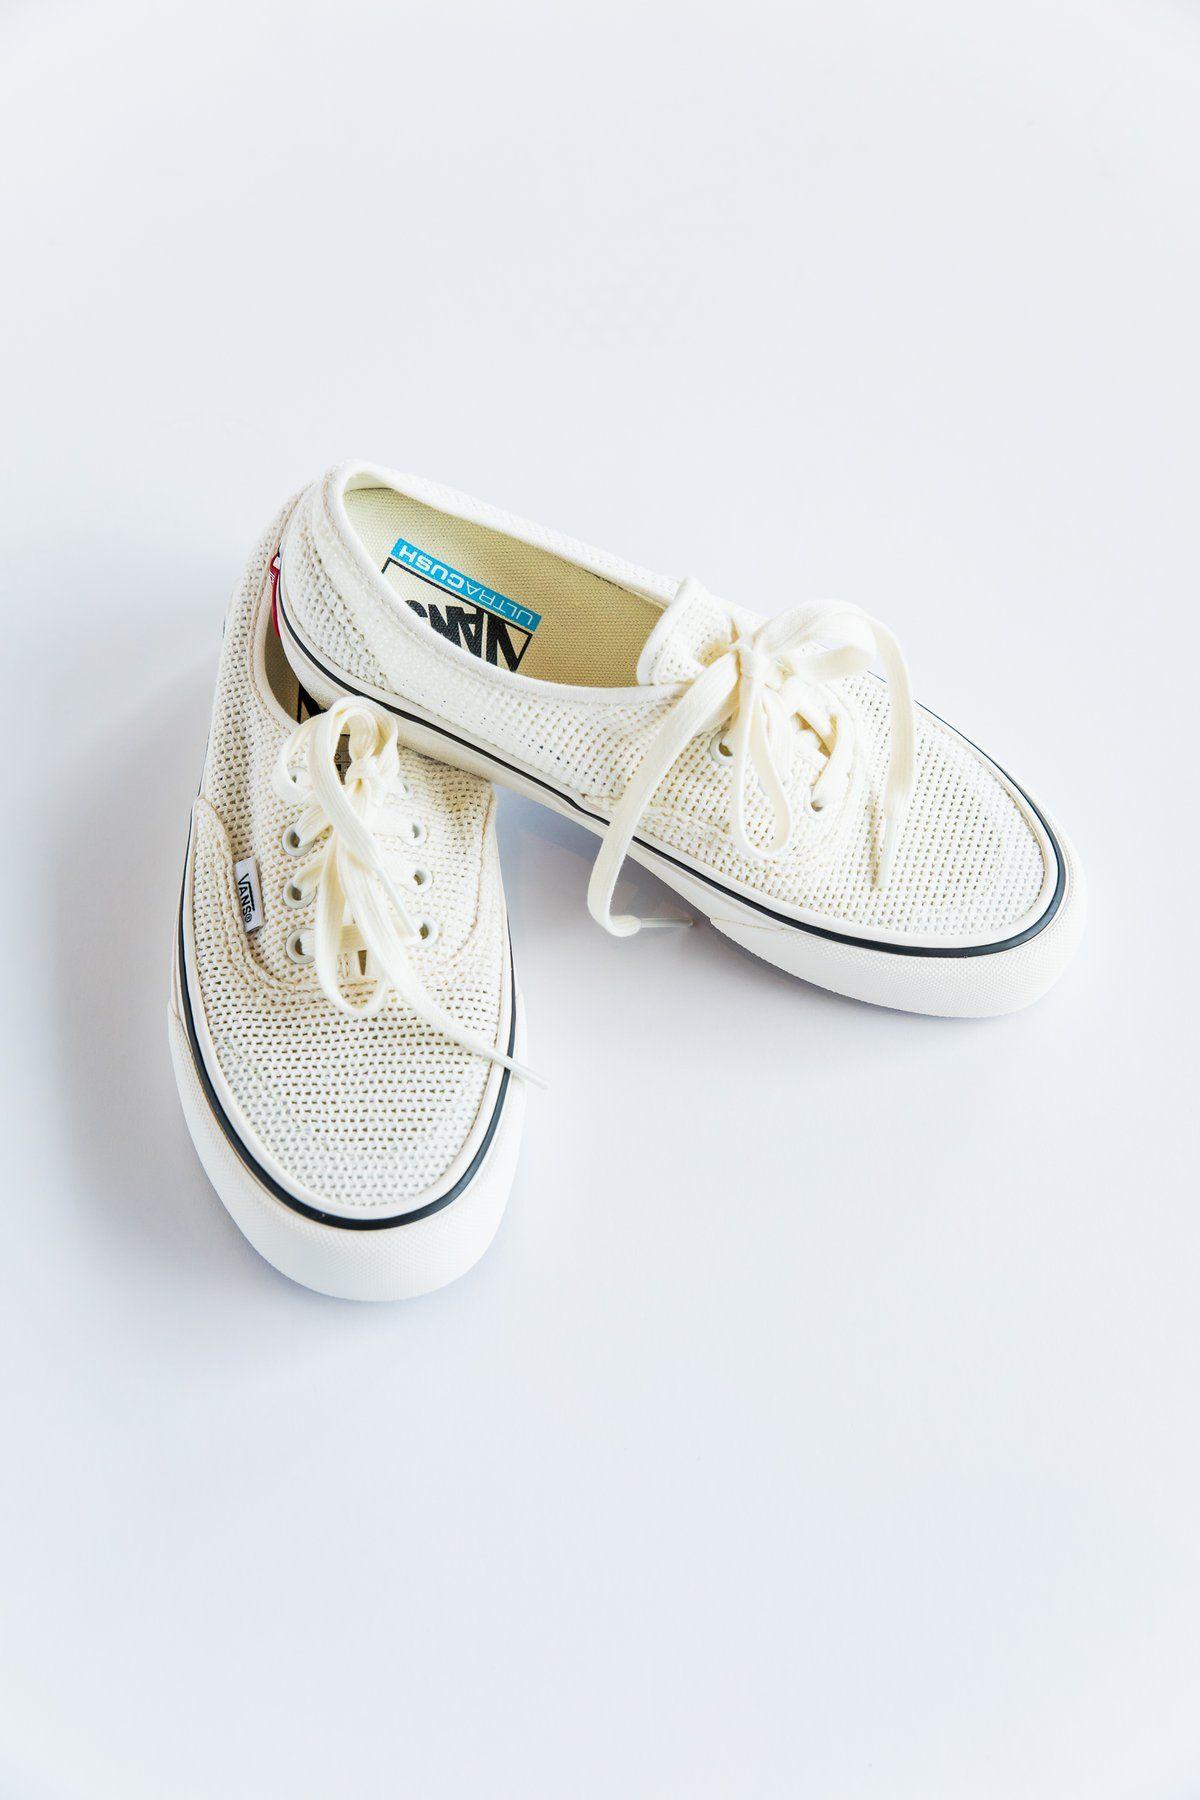 Vans authentic shoes, Vans old skool